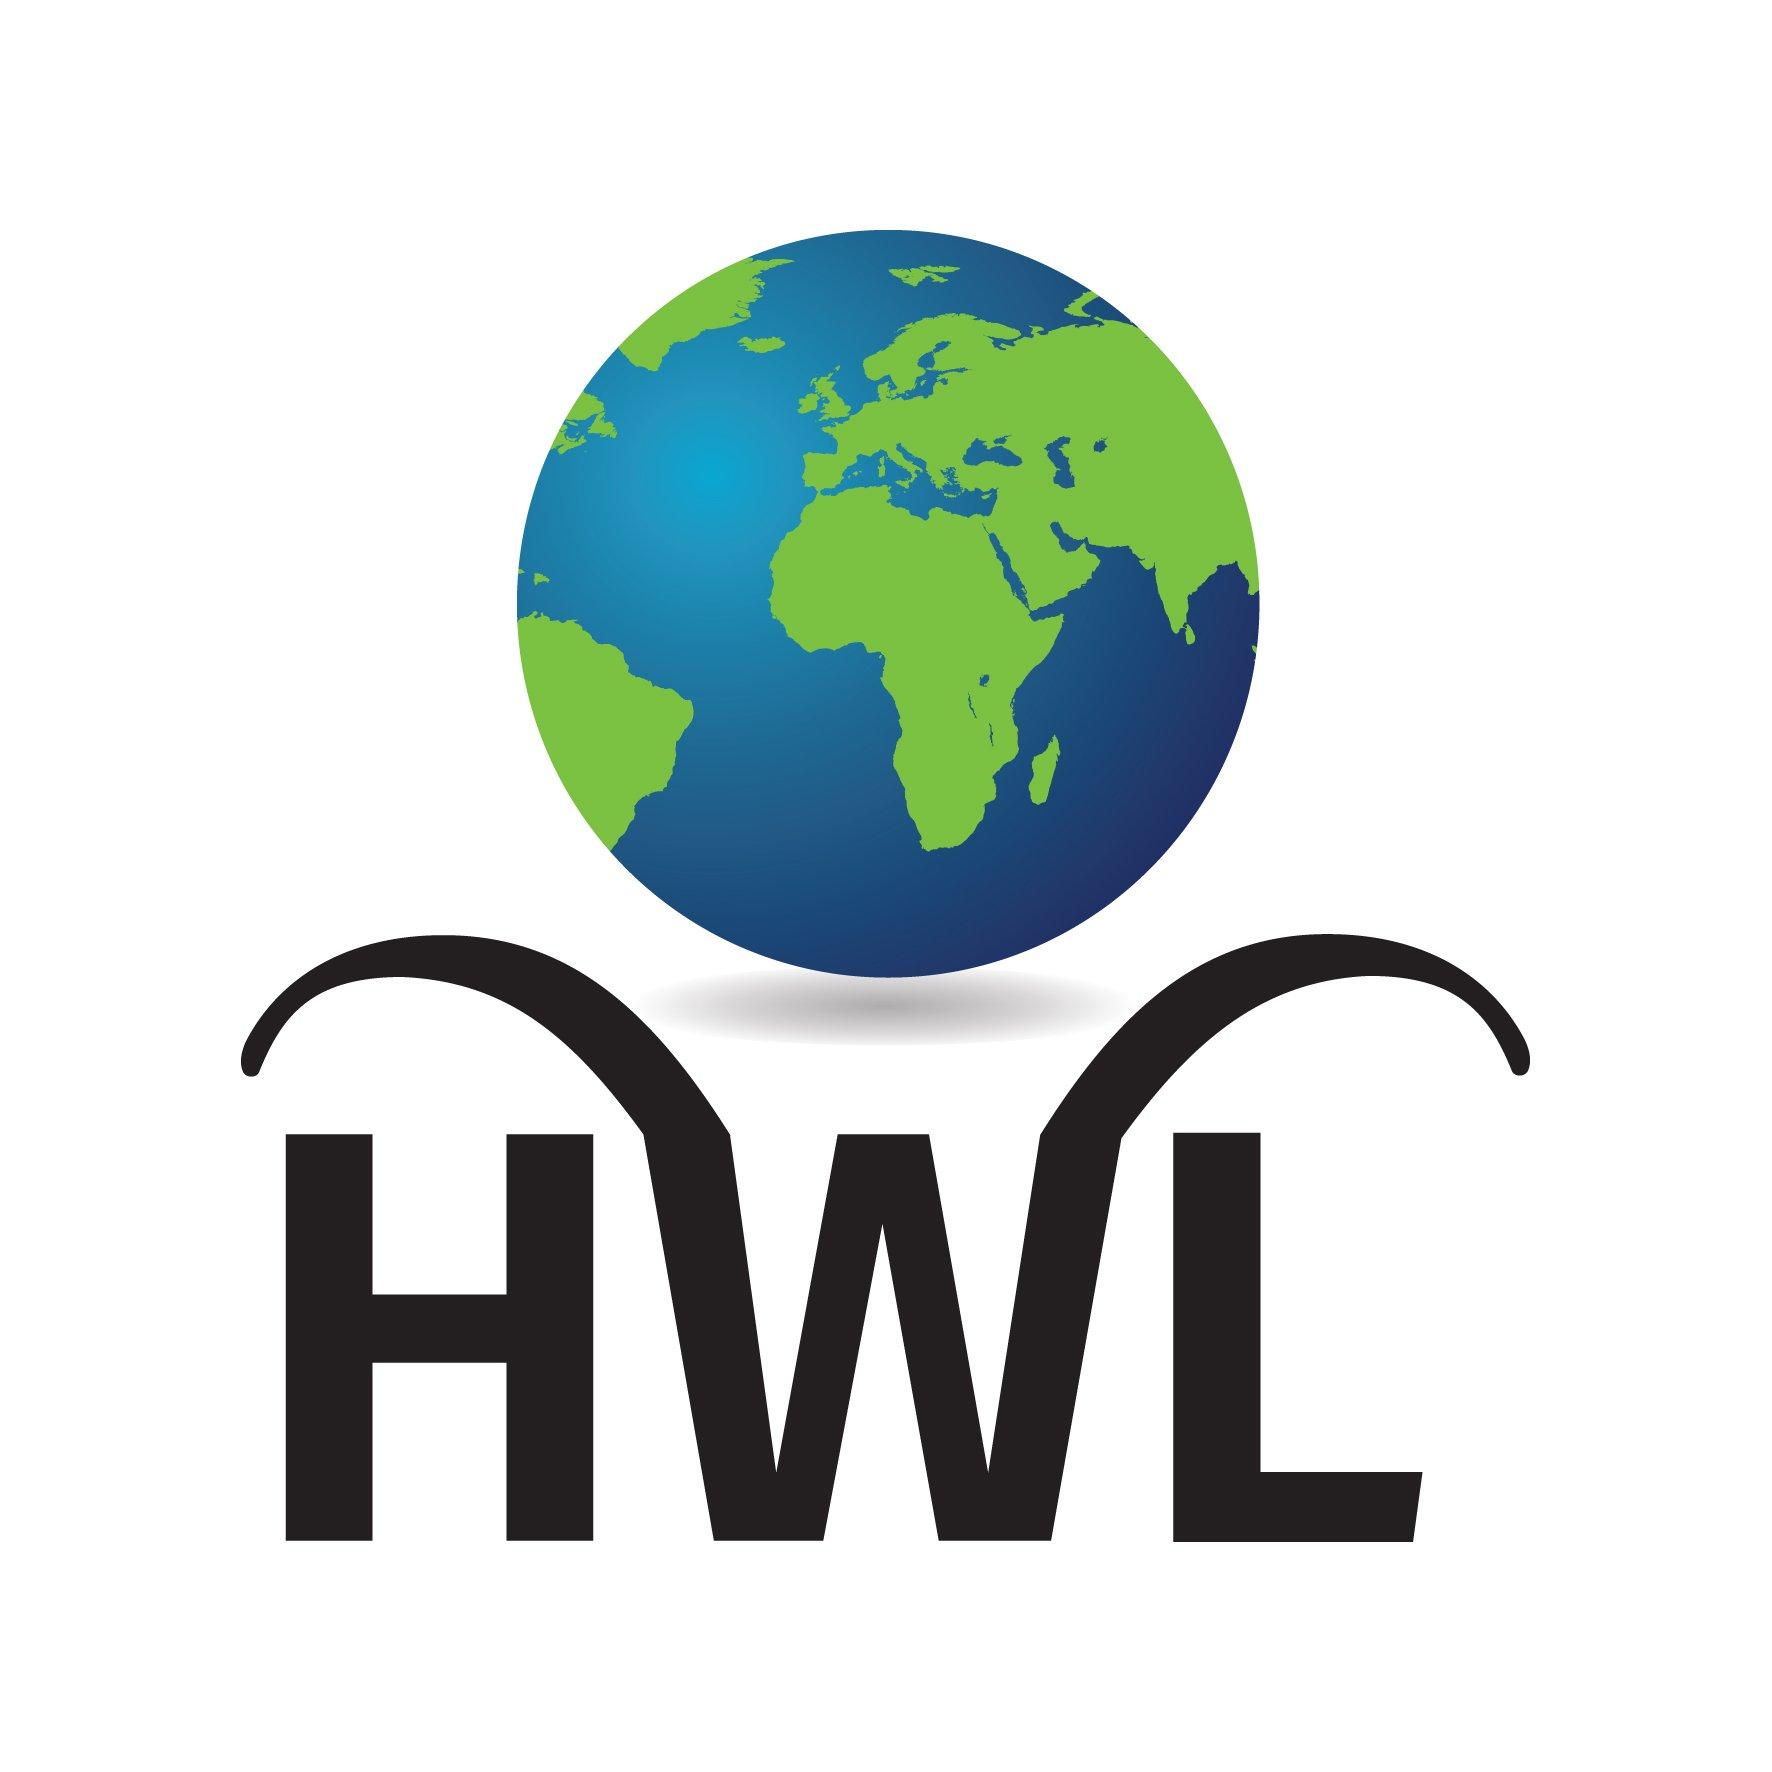 hwf logo 5